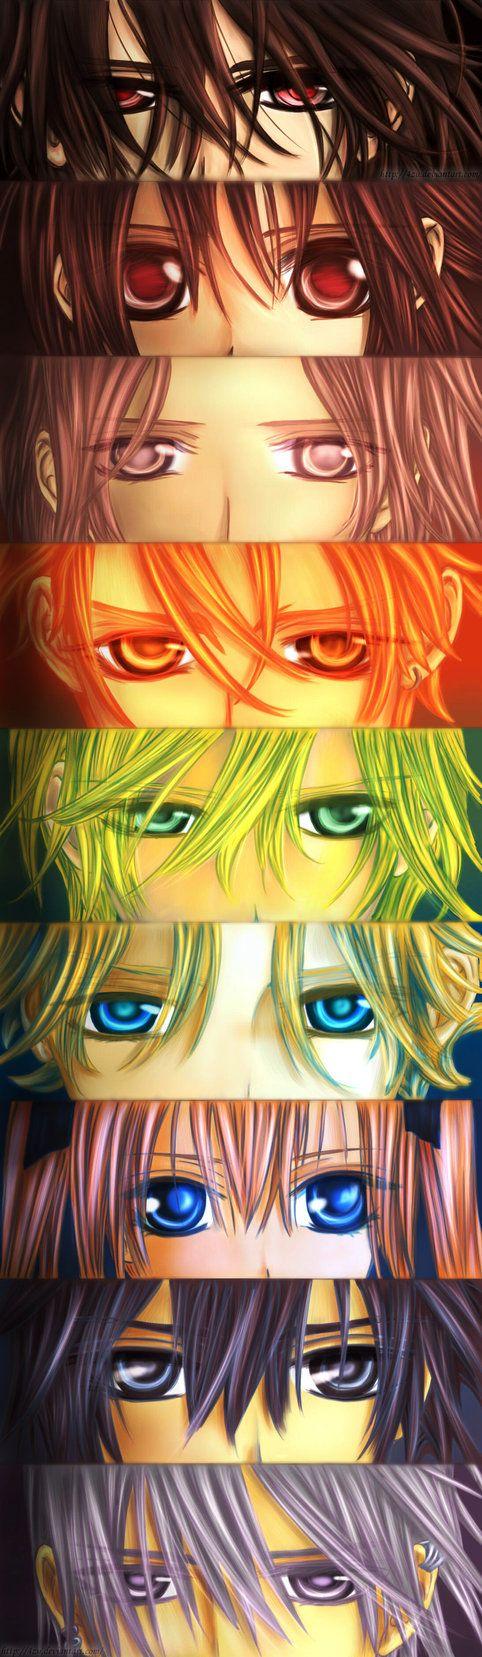 Those eyes by 4zu.deviantart.com on @DeviantArt